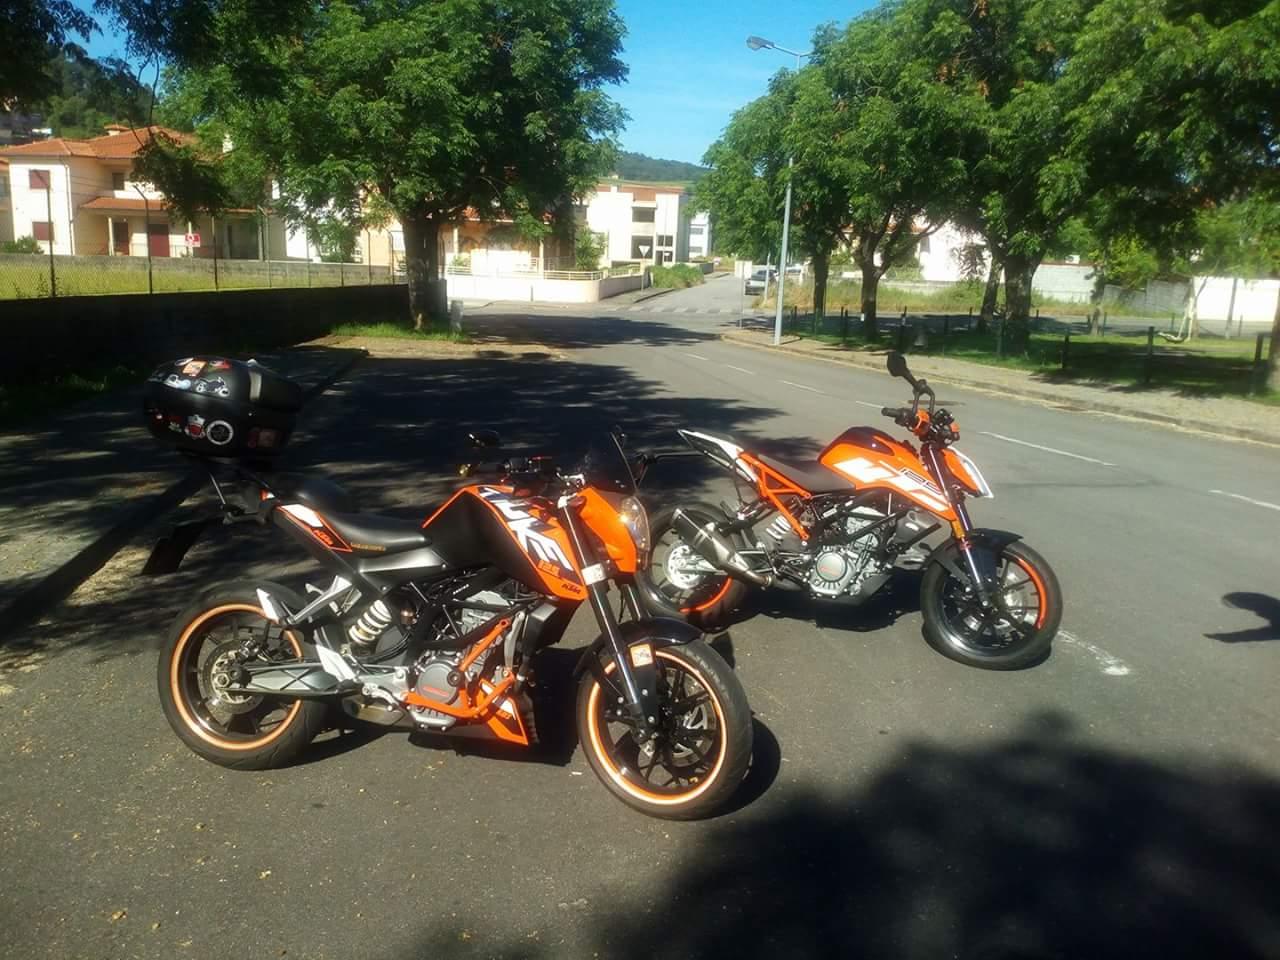 KTM Duke 125 Laranjinha Pt.3 - Página 2 34010358673_9757be3f1c_o